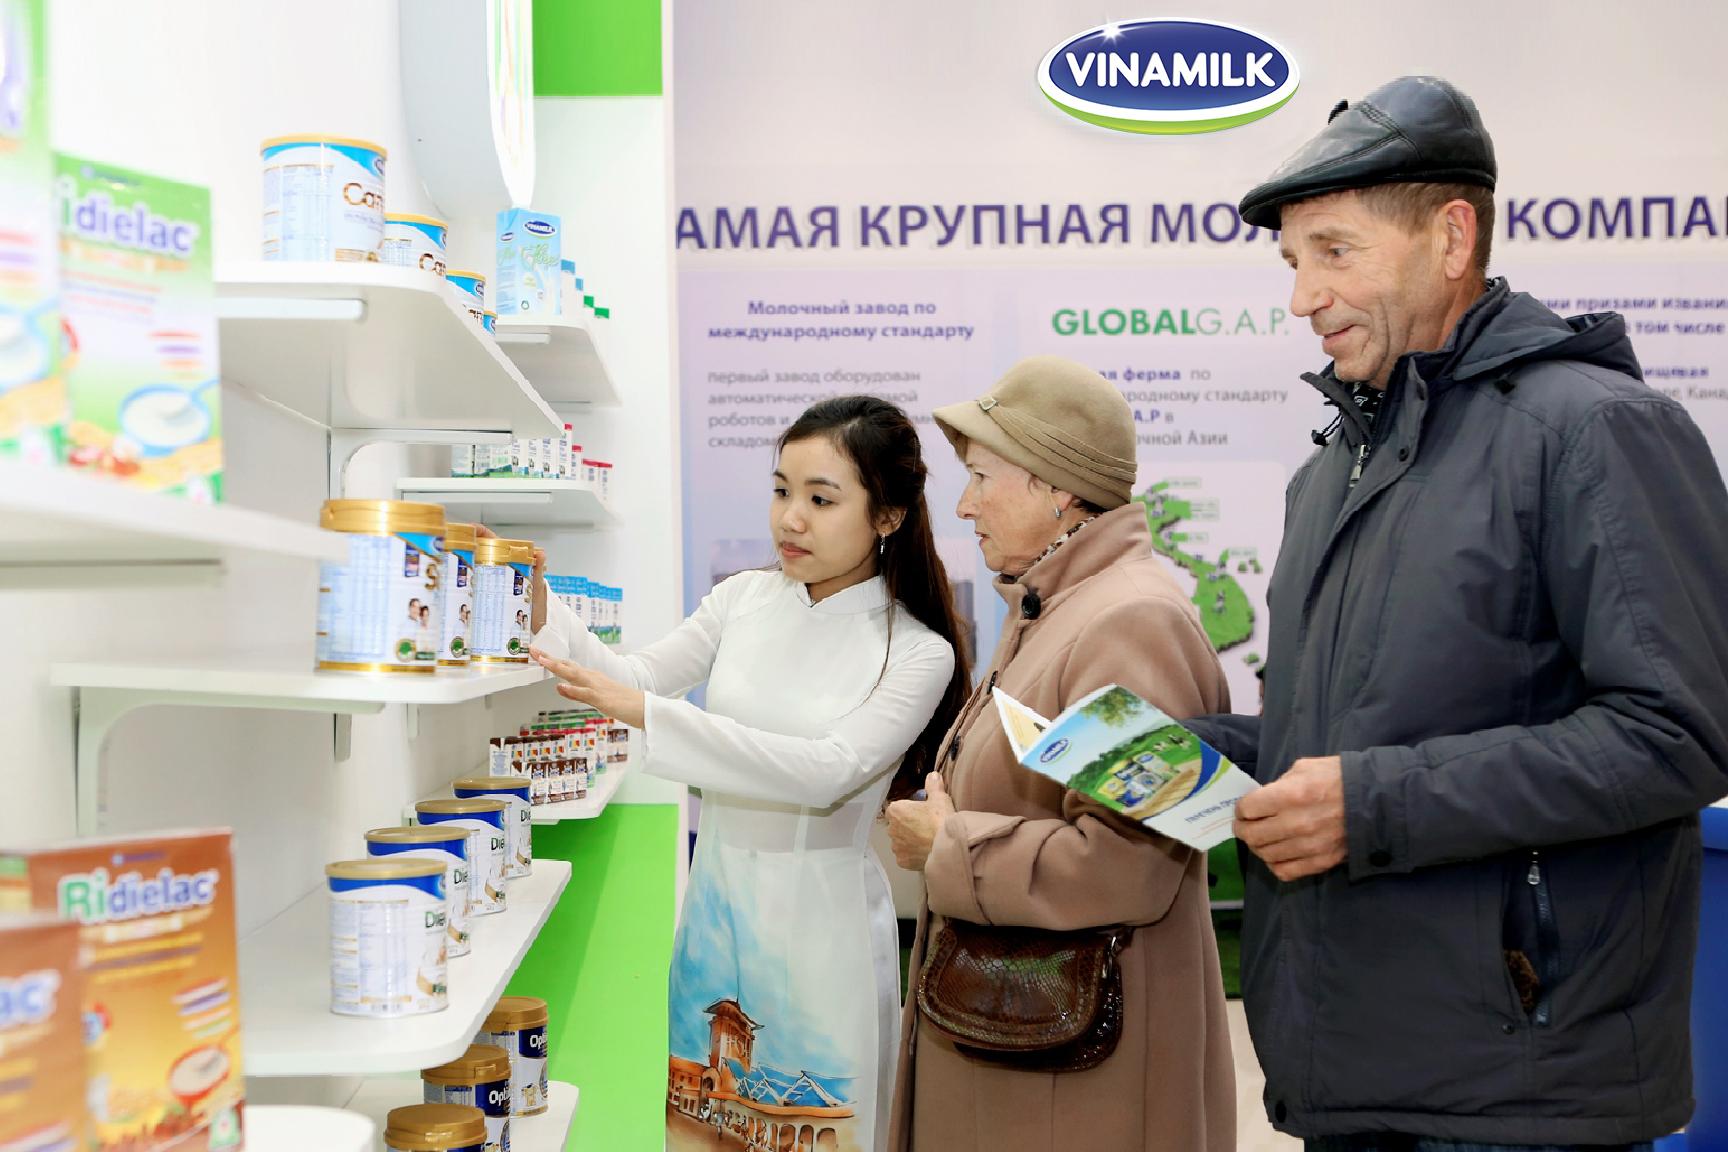 """Vinamilk – Doanh nghiệp sữa duy nhất của Việt Nam lọt danh sách """"Doanh nghiệp xuất khẩu uy tín"""" năm 2017 - Ảnh 1"""